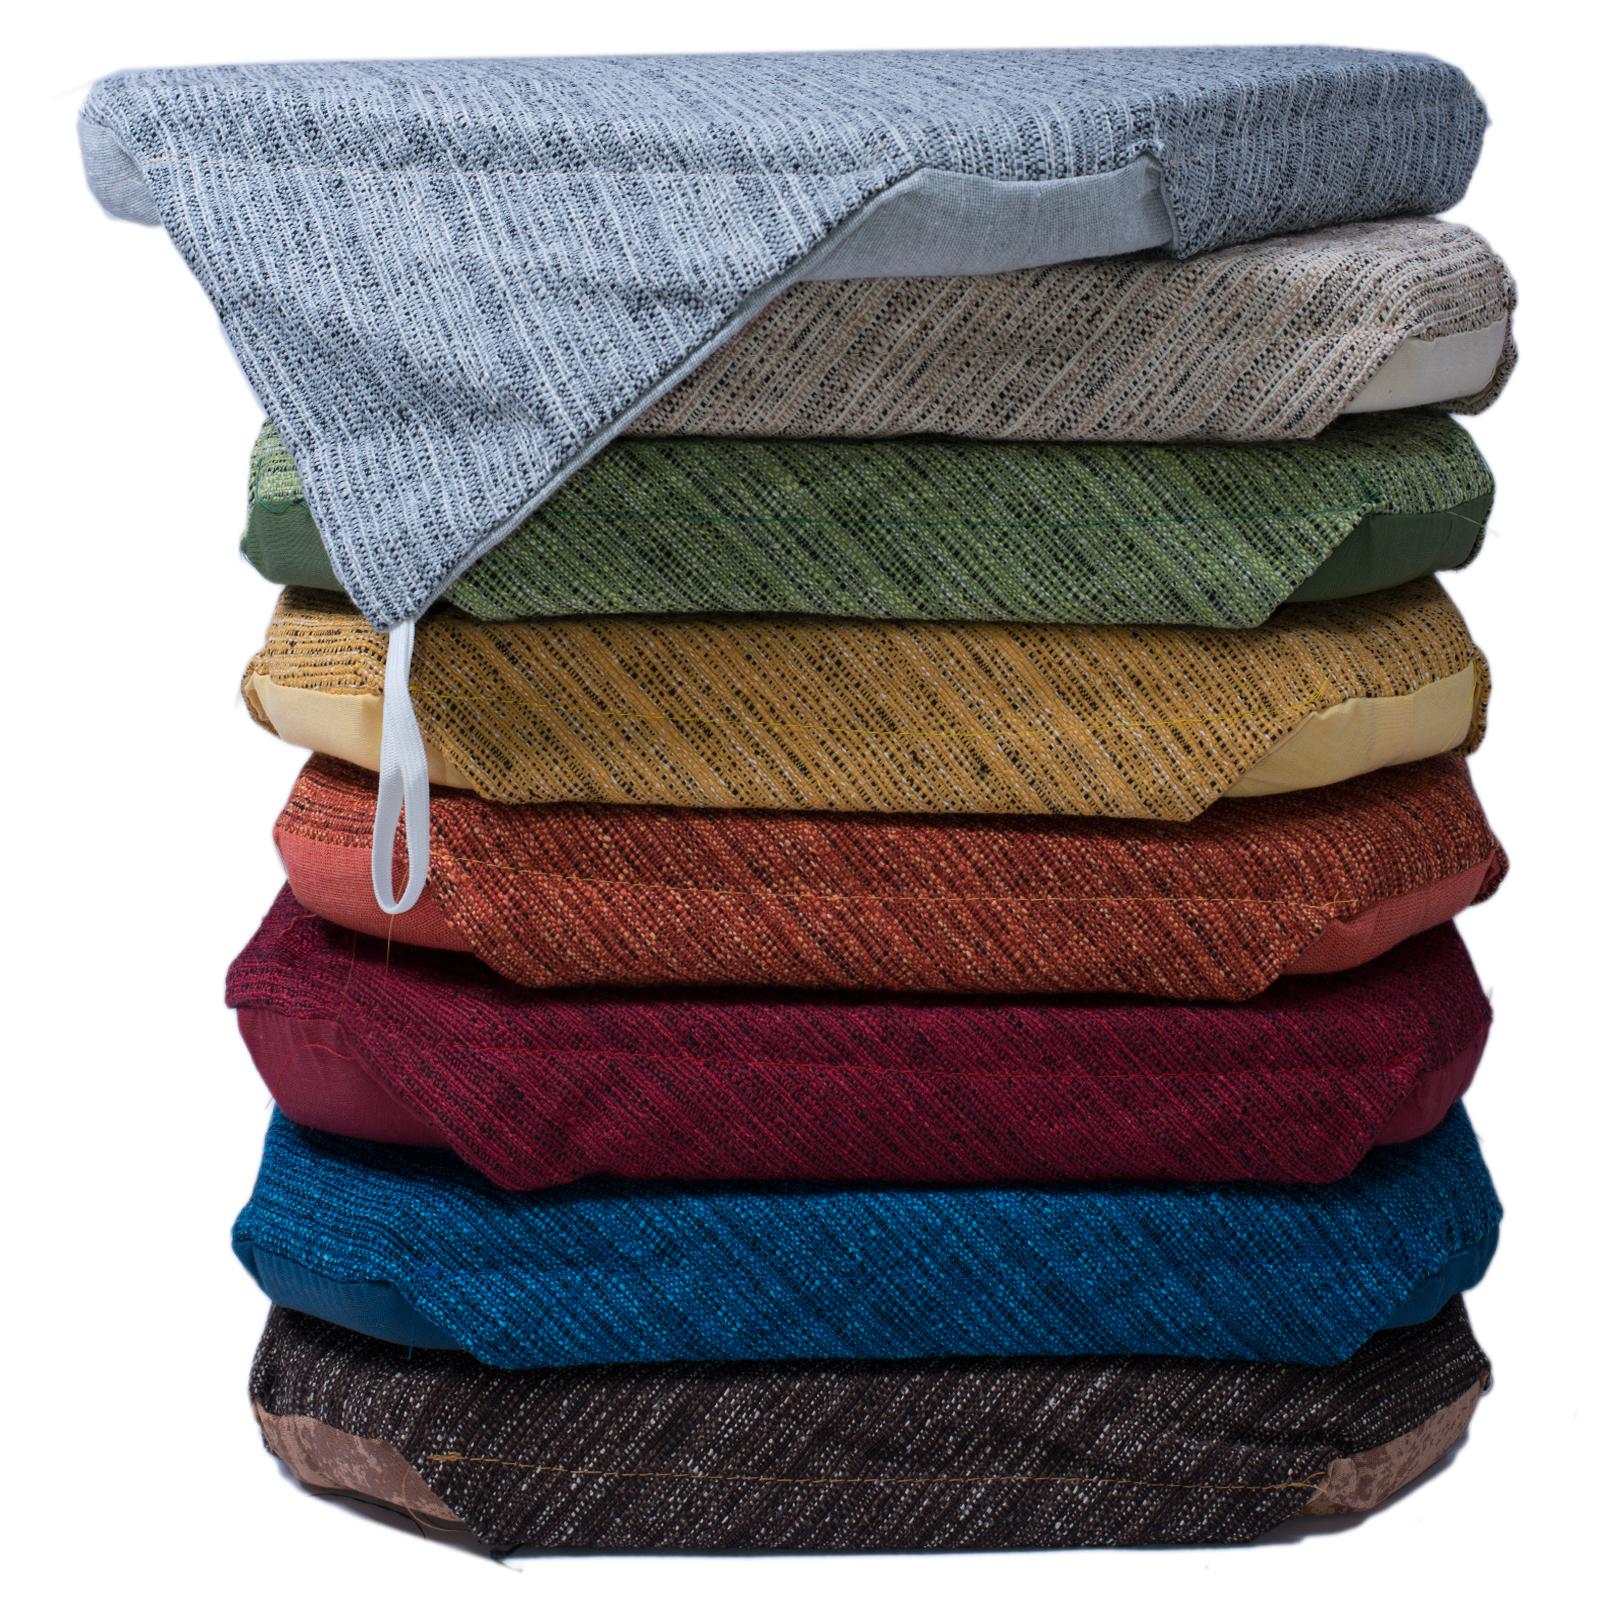 Cuscino sedia alette melange cose di casa un mondo di accessori per la casa - Cose di casa mondovi ...